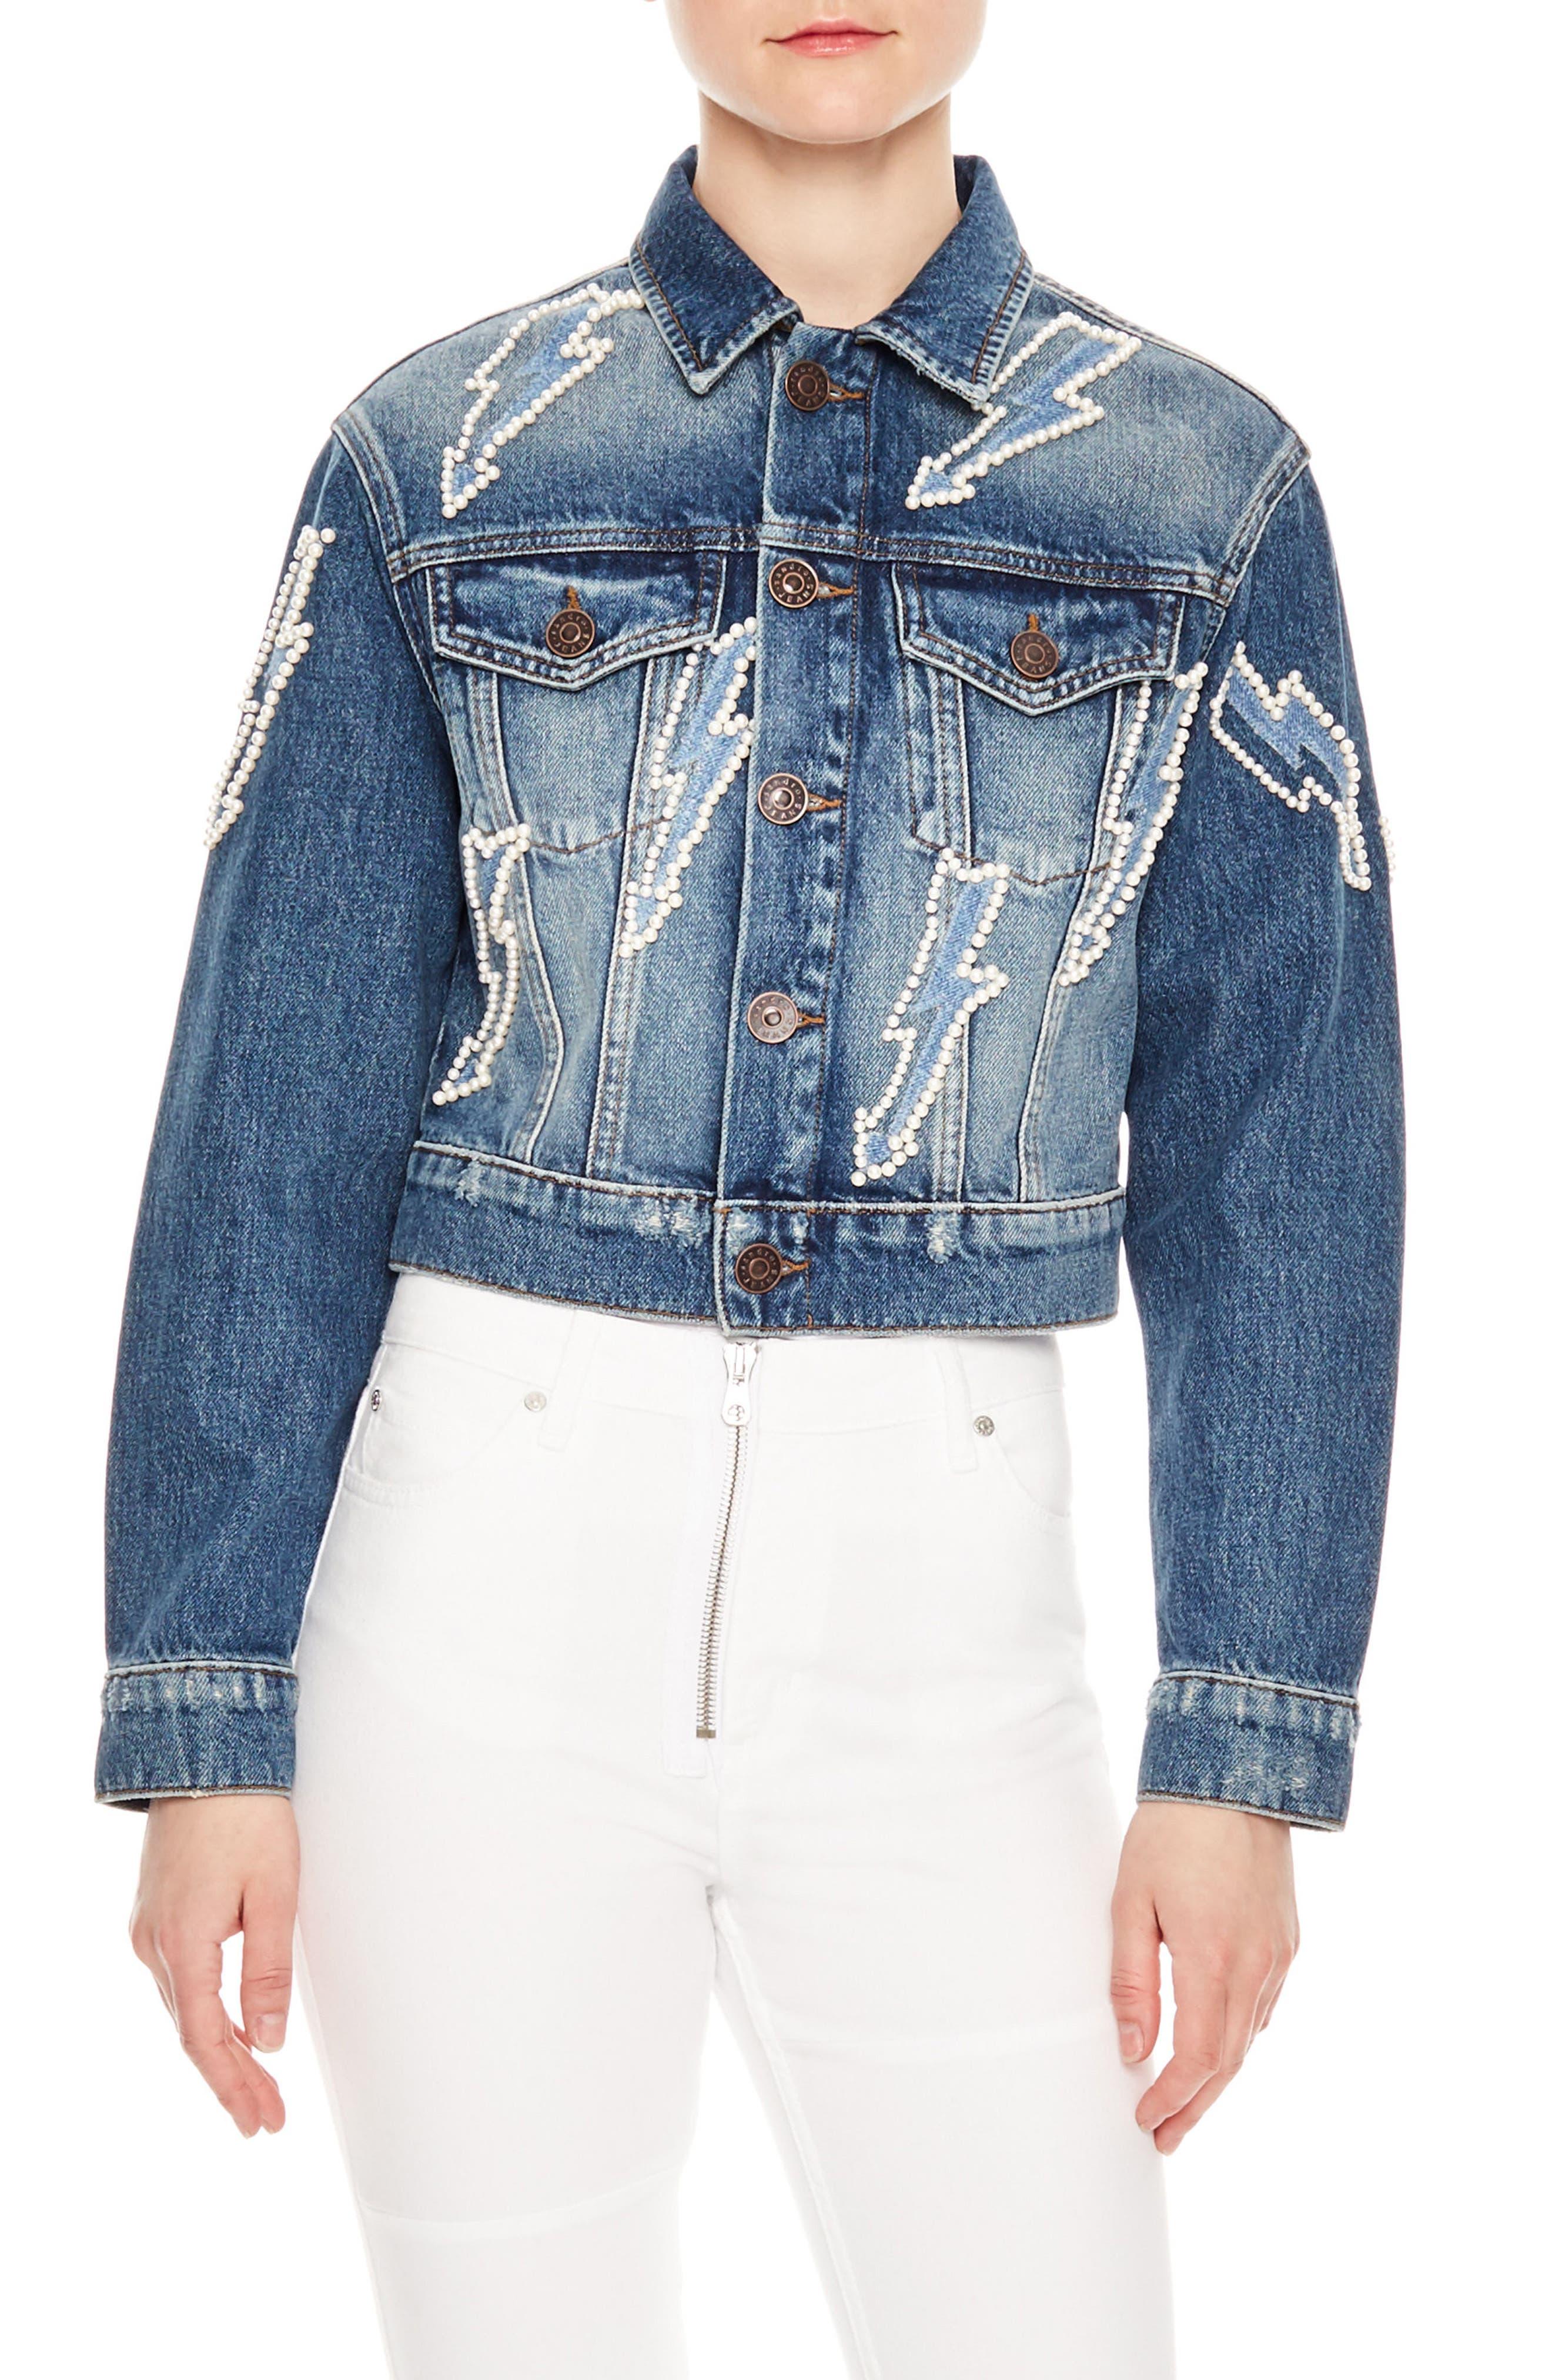 Pearly Bauble Lightning Bolt Denim Jacket,                             Main thumbnail 1, color,                             Blue Vintage - Denim